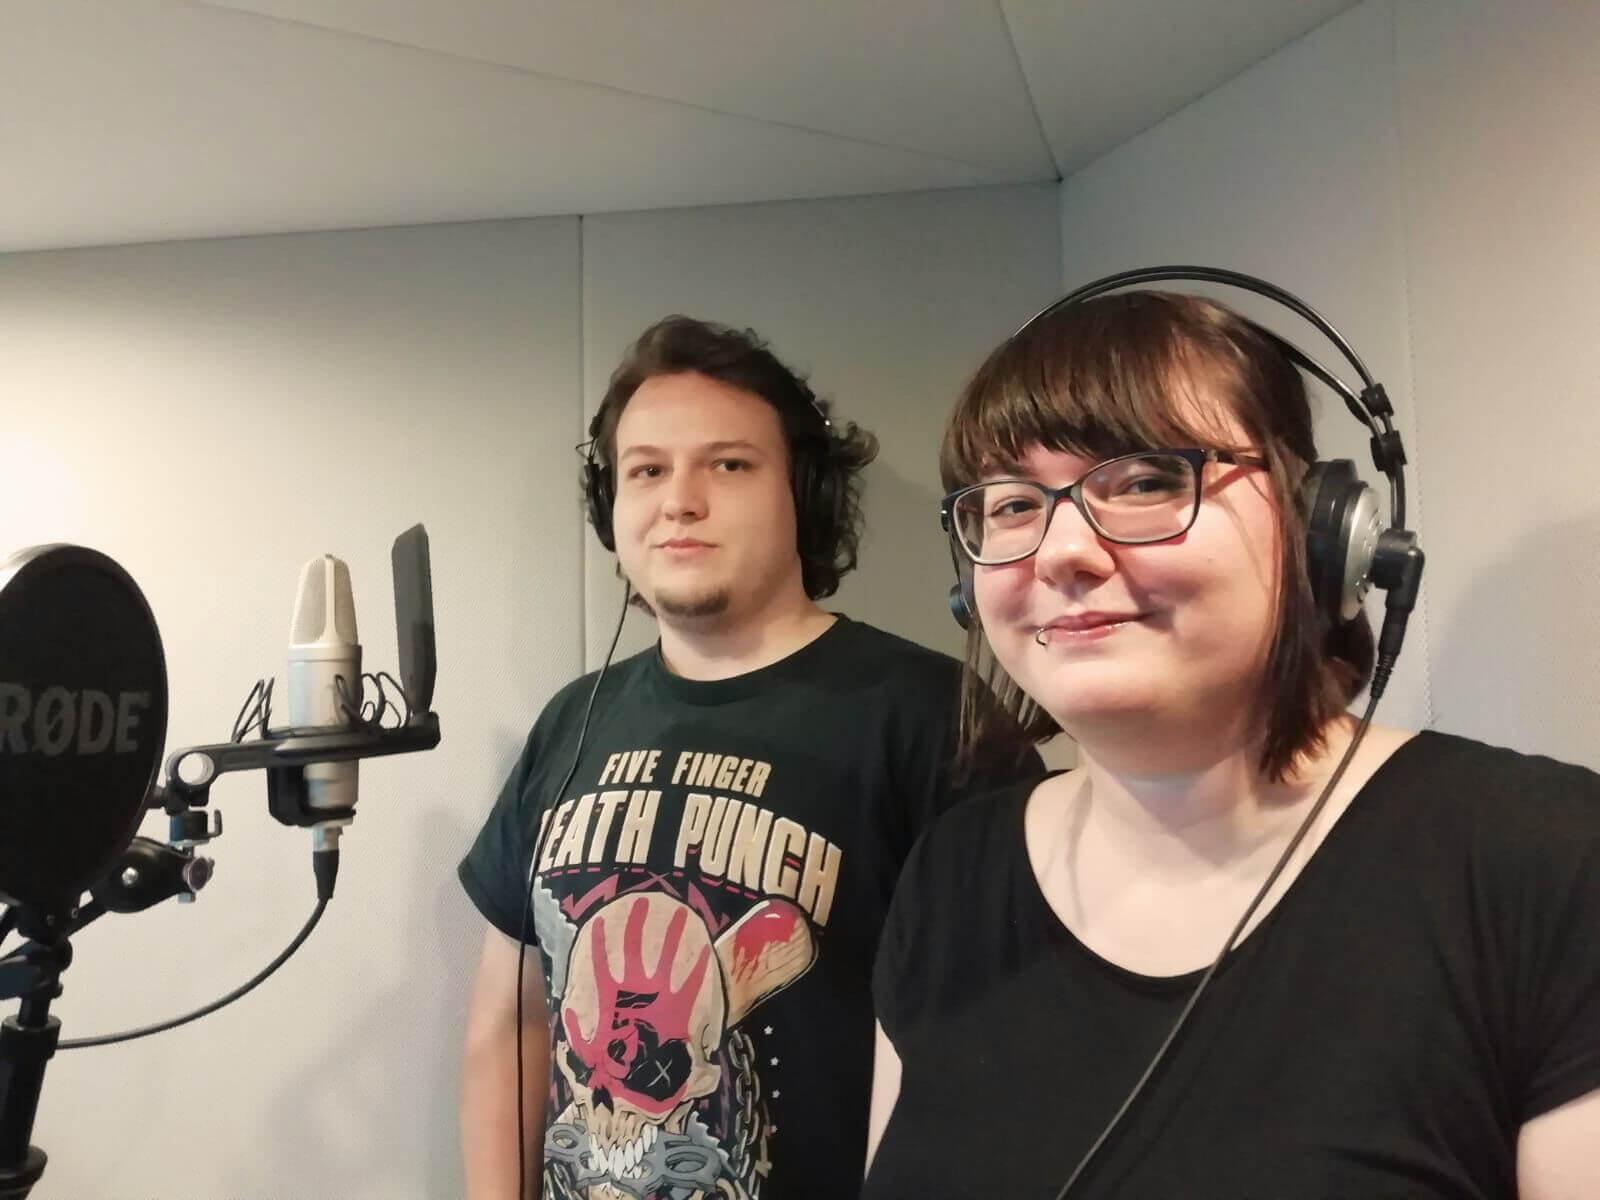 Tore und Amelie im Tonstudio